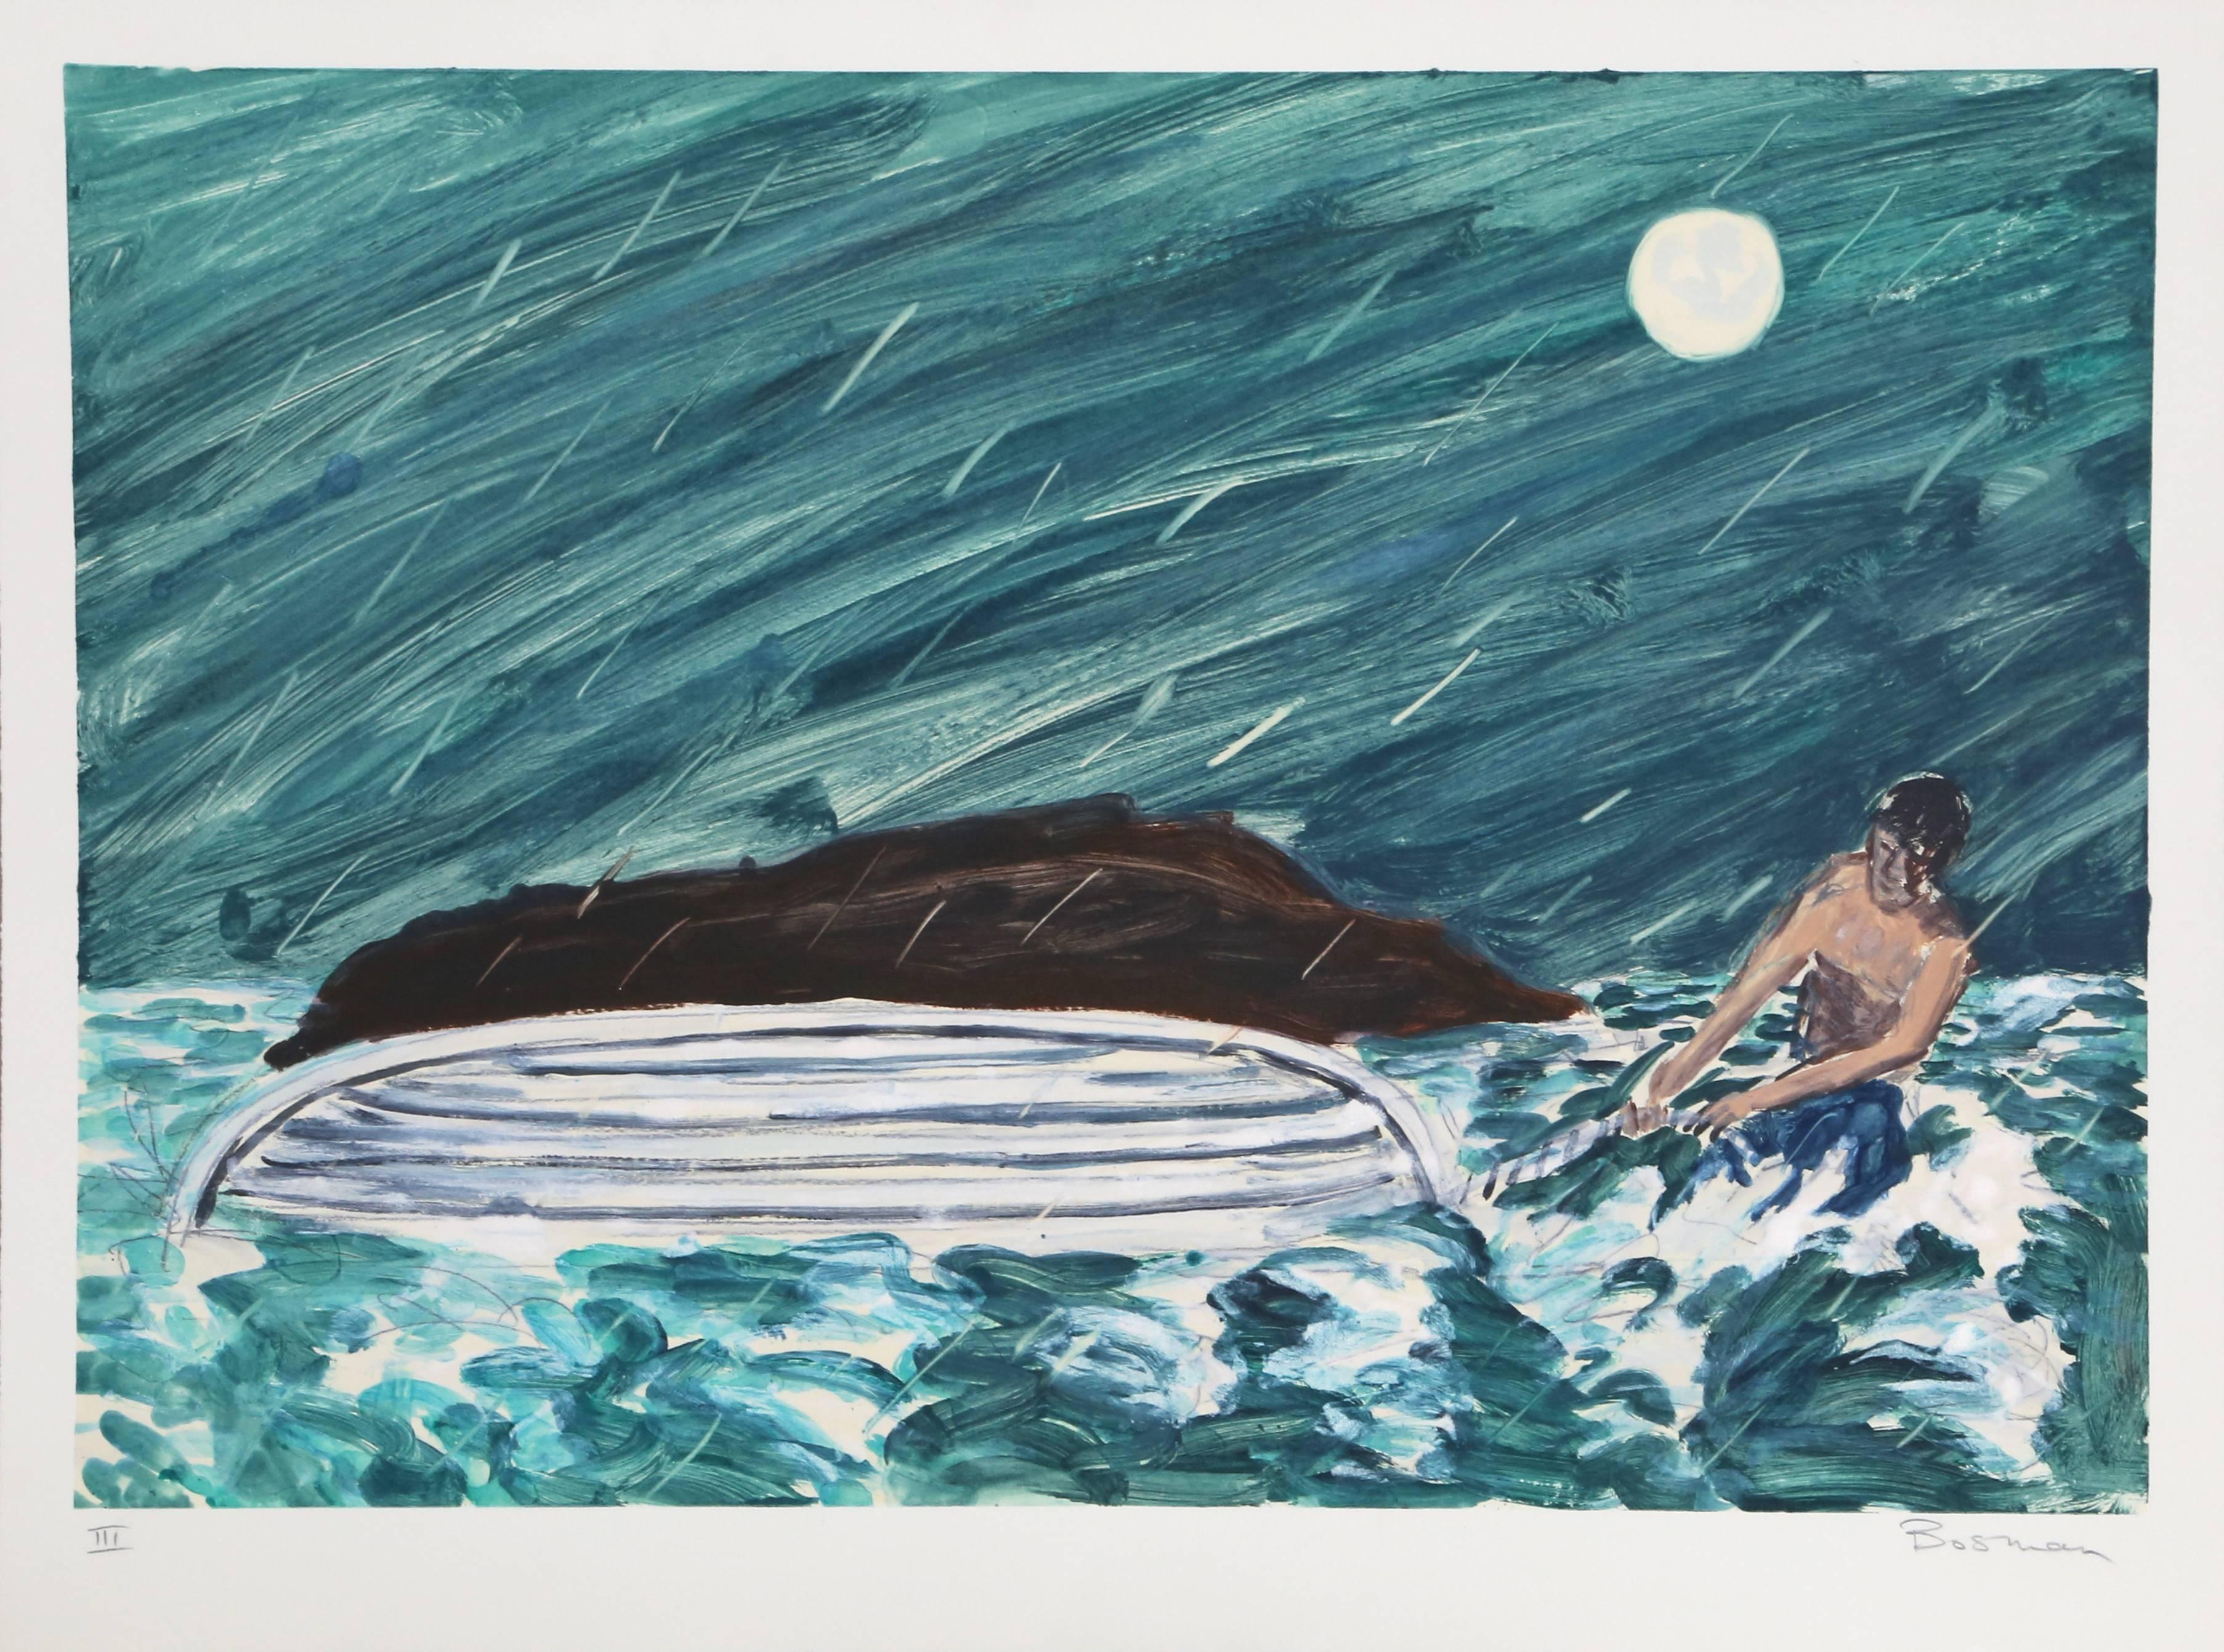 """Richard Bosman, """"III (Capsized),"""" Monotype, 1988"""